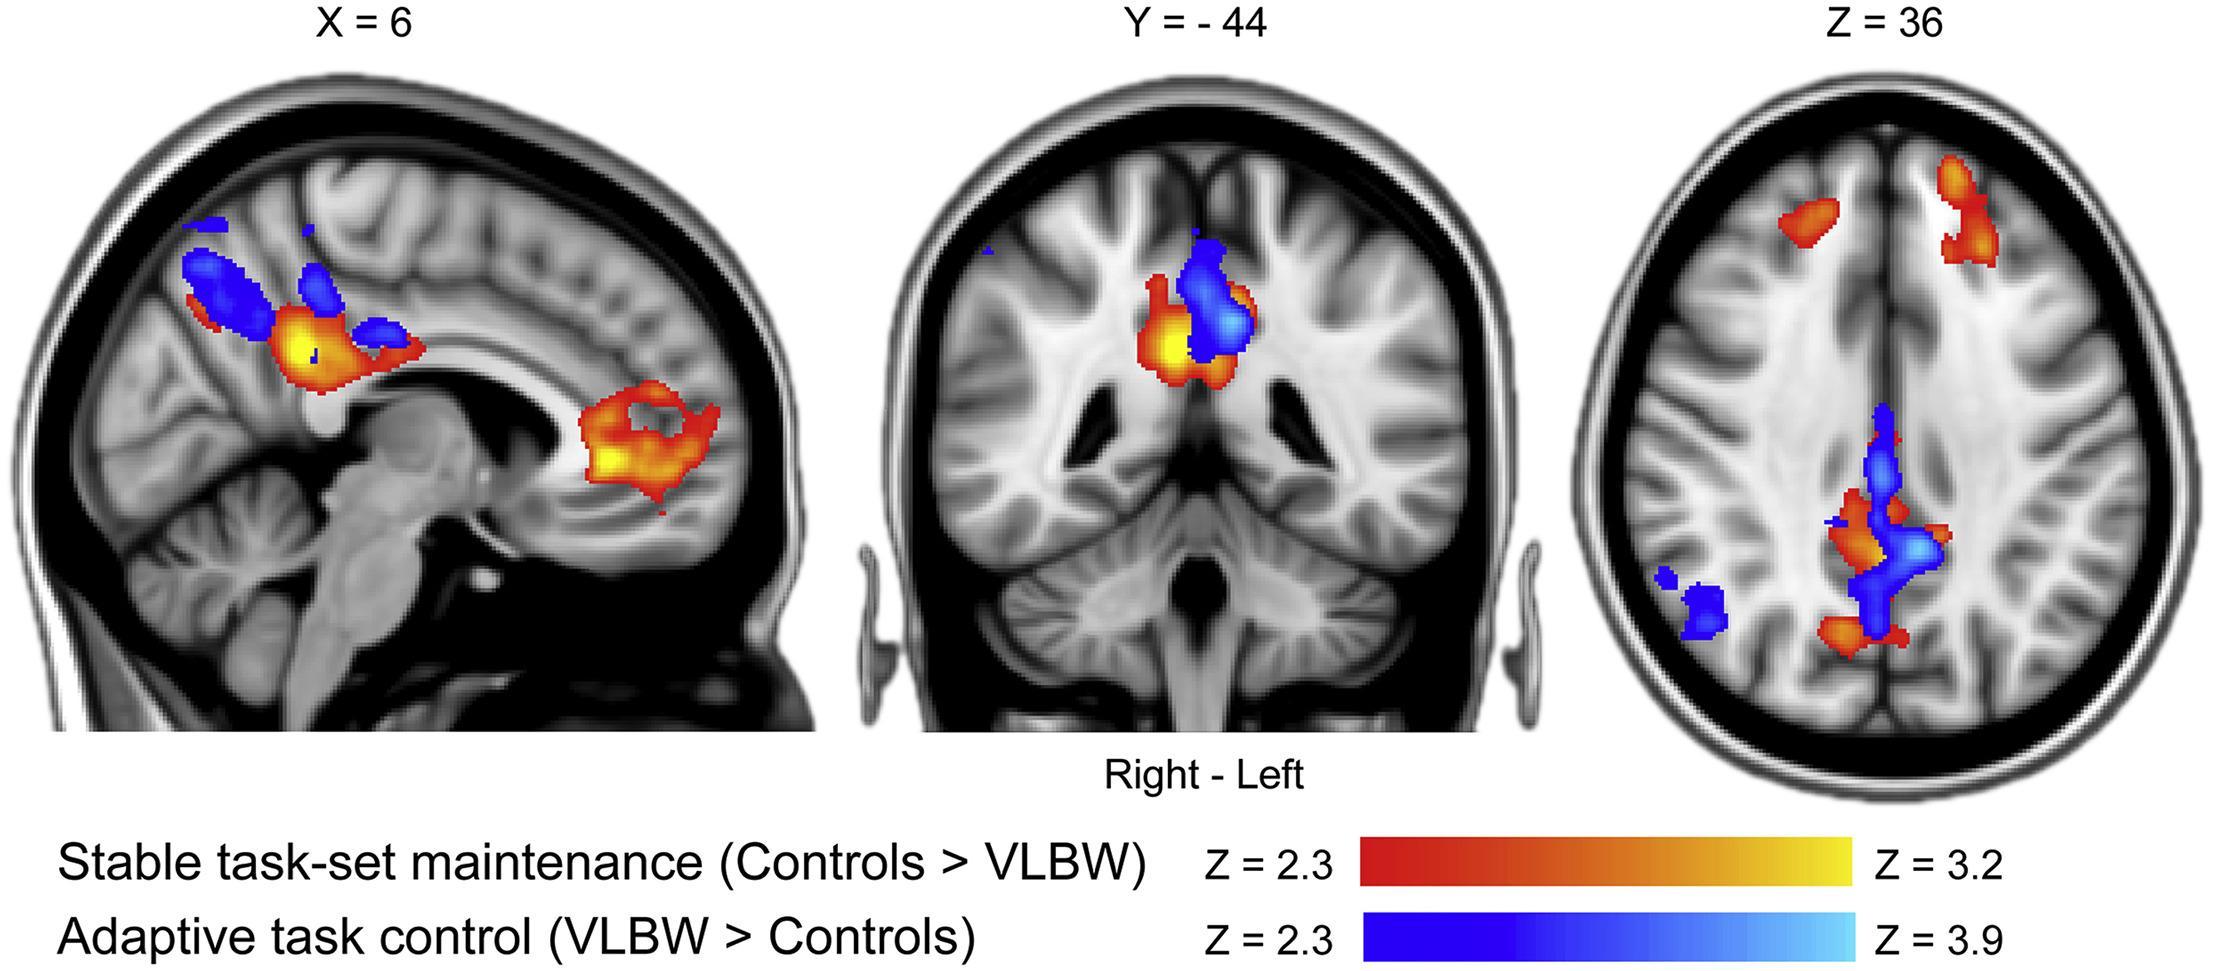 Как низкий вес при рождении влияет на развитие мозга?